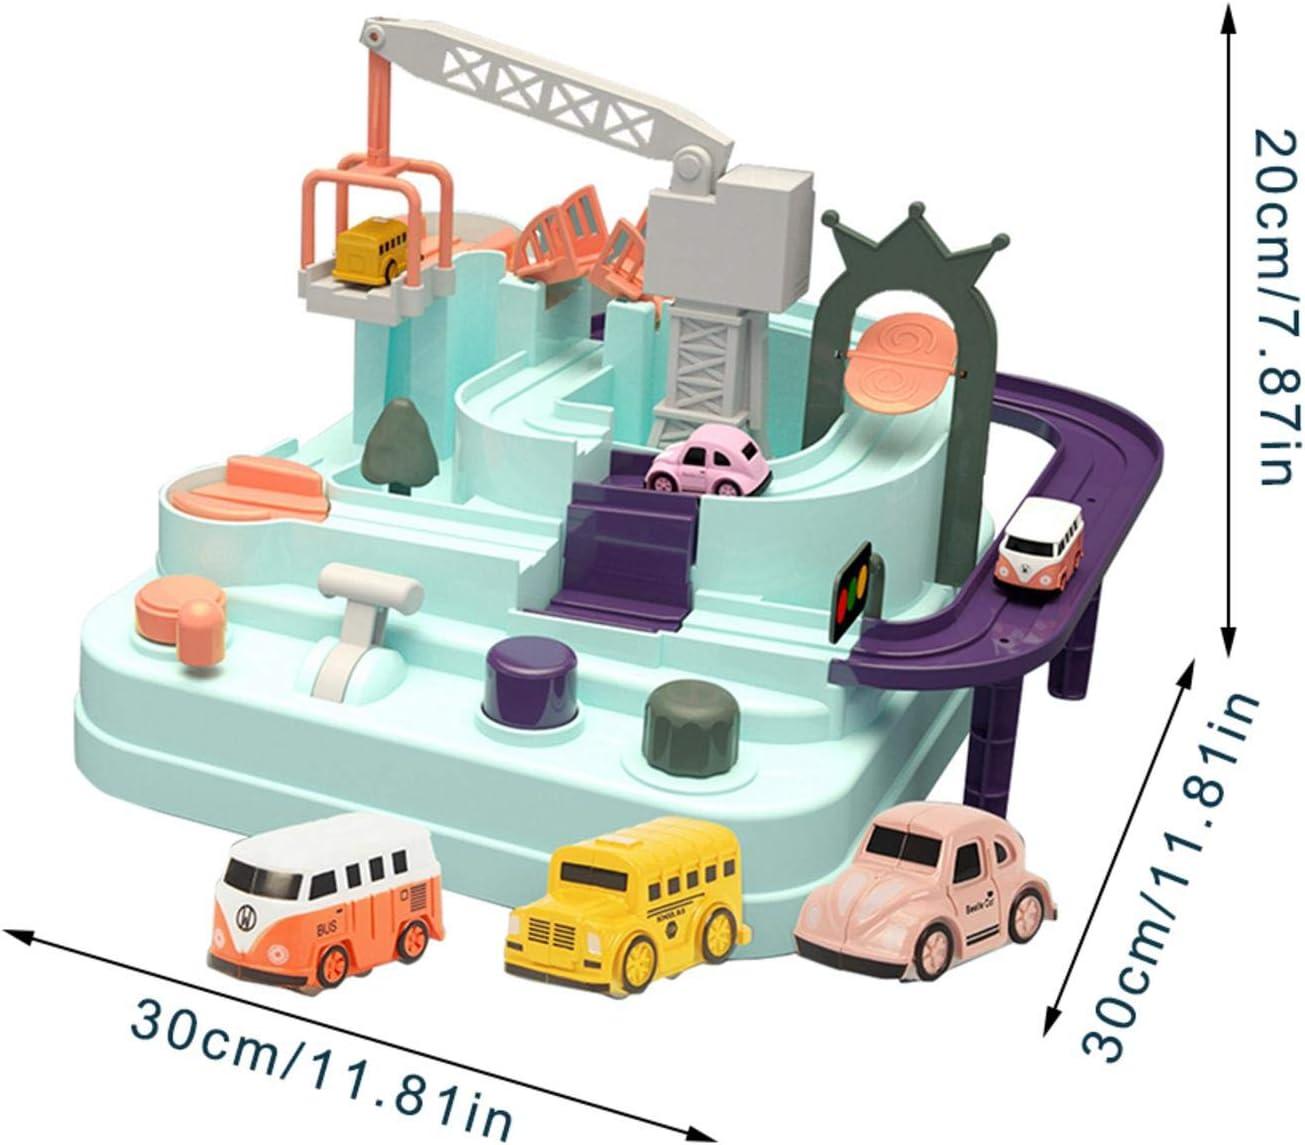 pasidenis Auto-Abenteuerspielzeug Puzzle-Car-Track-Parkspiele f/ür Jungen und M/ädchen Eltern-Kind-Kinderspielzeug f/ür interaktive Rennen City Rescue Preschool Educational Rail Car